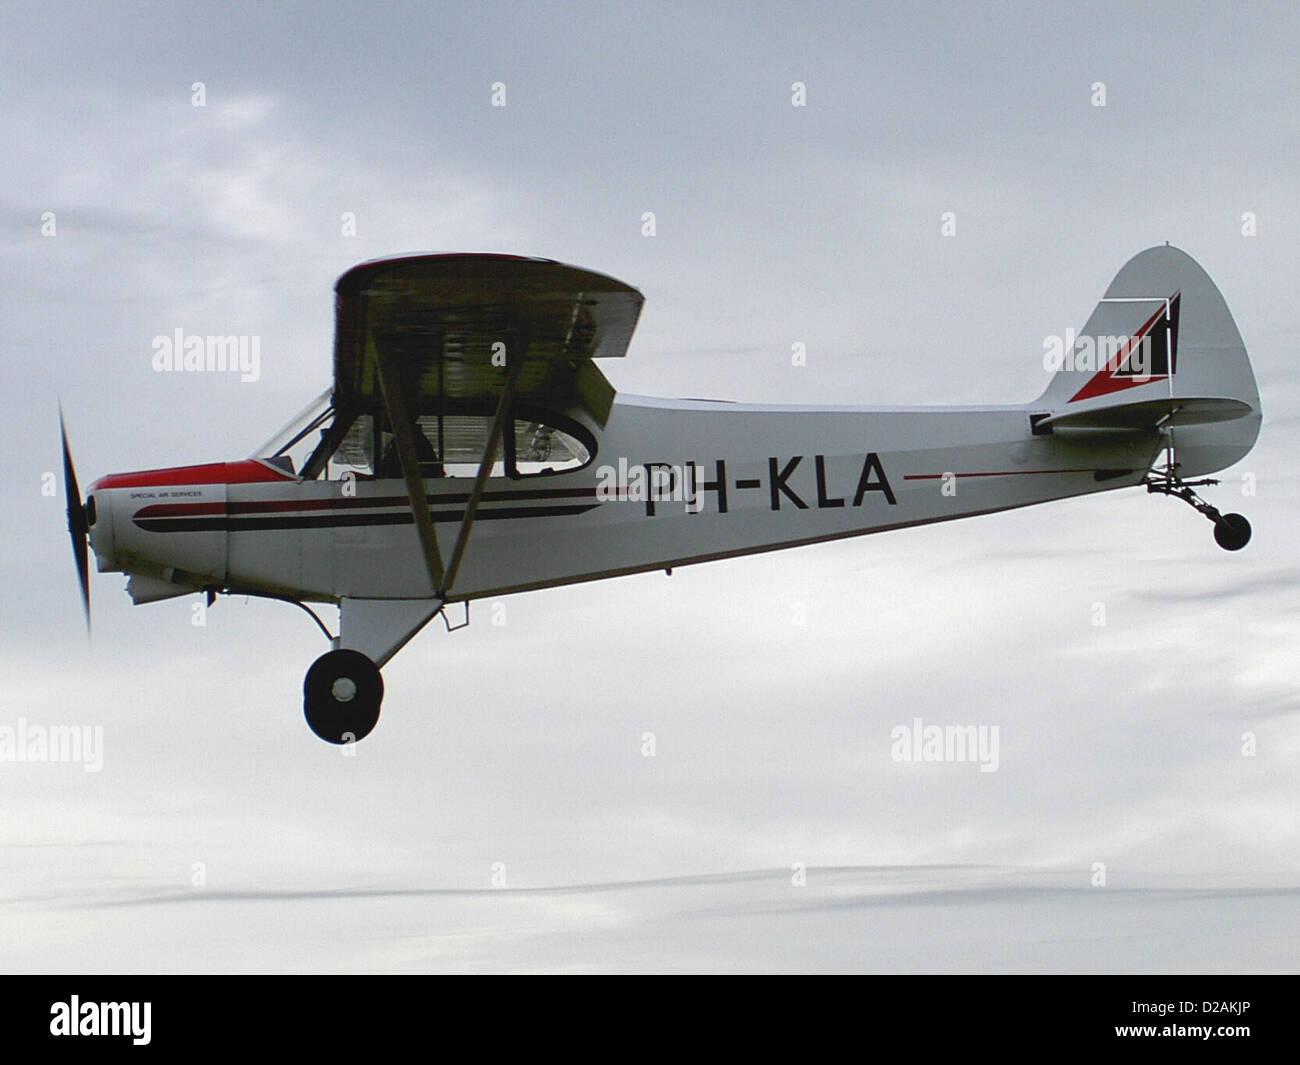 PH-KLA Piper PA-18-150 Super Cub at Deventer - Teuge (